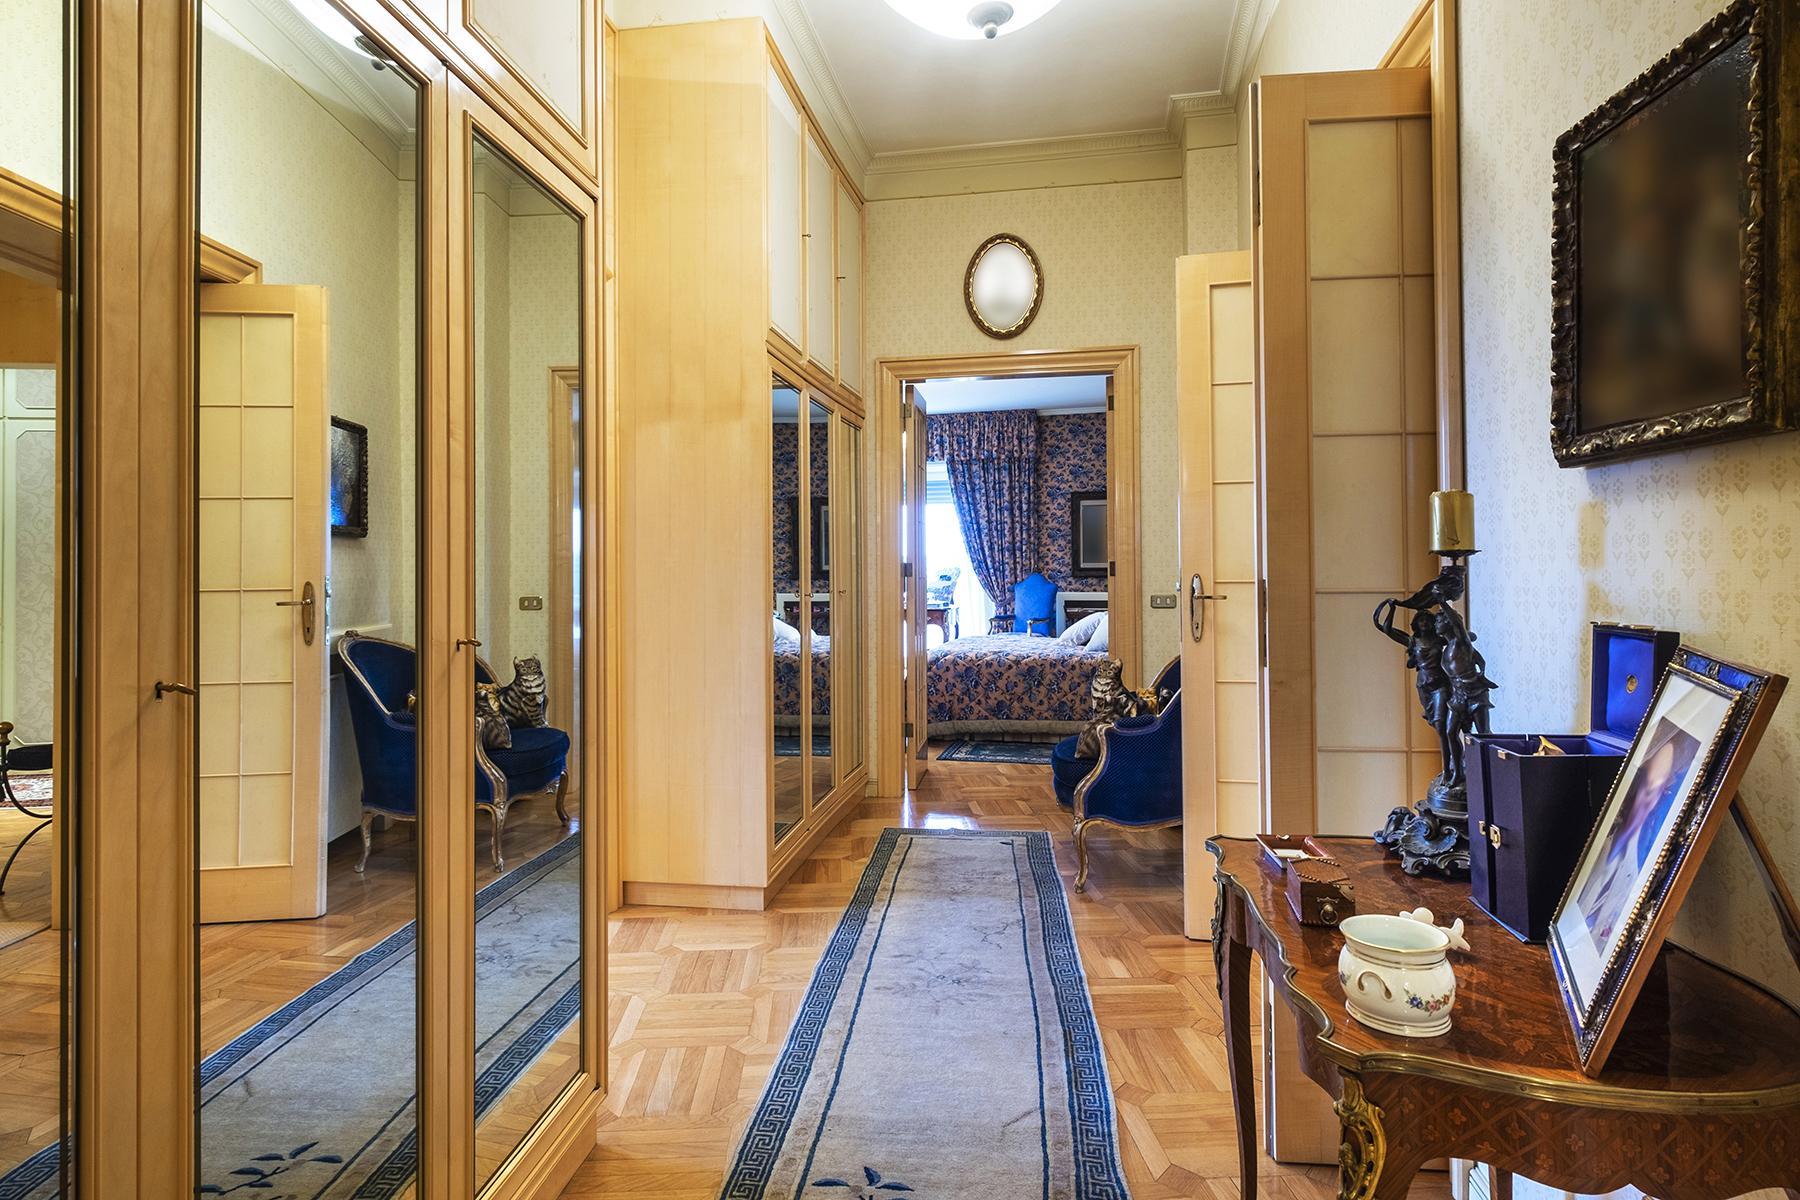 Appartamento di lusso in affitto a roma via viale bruno for Appartamenti design milano affitto